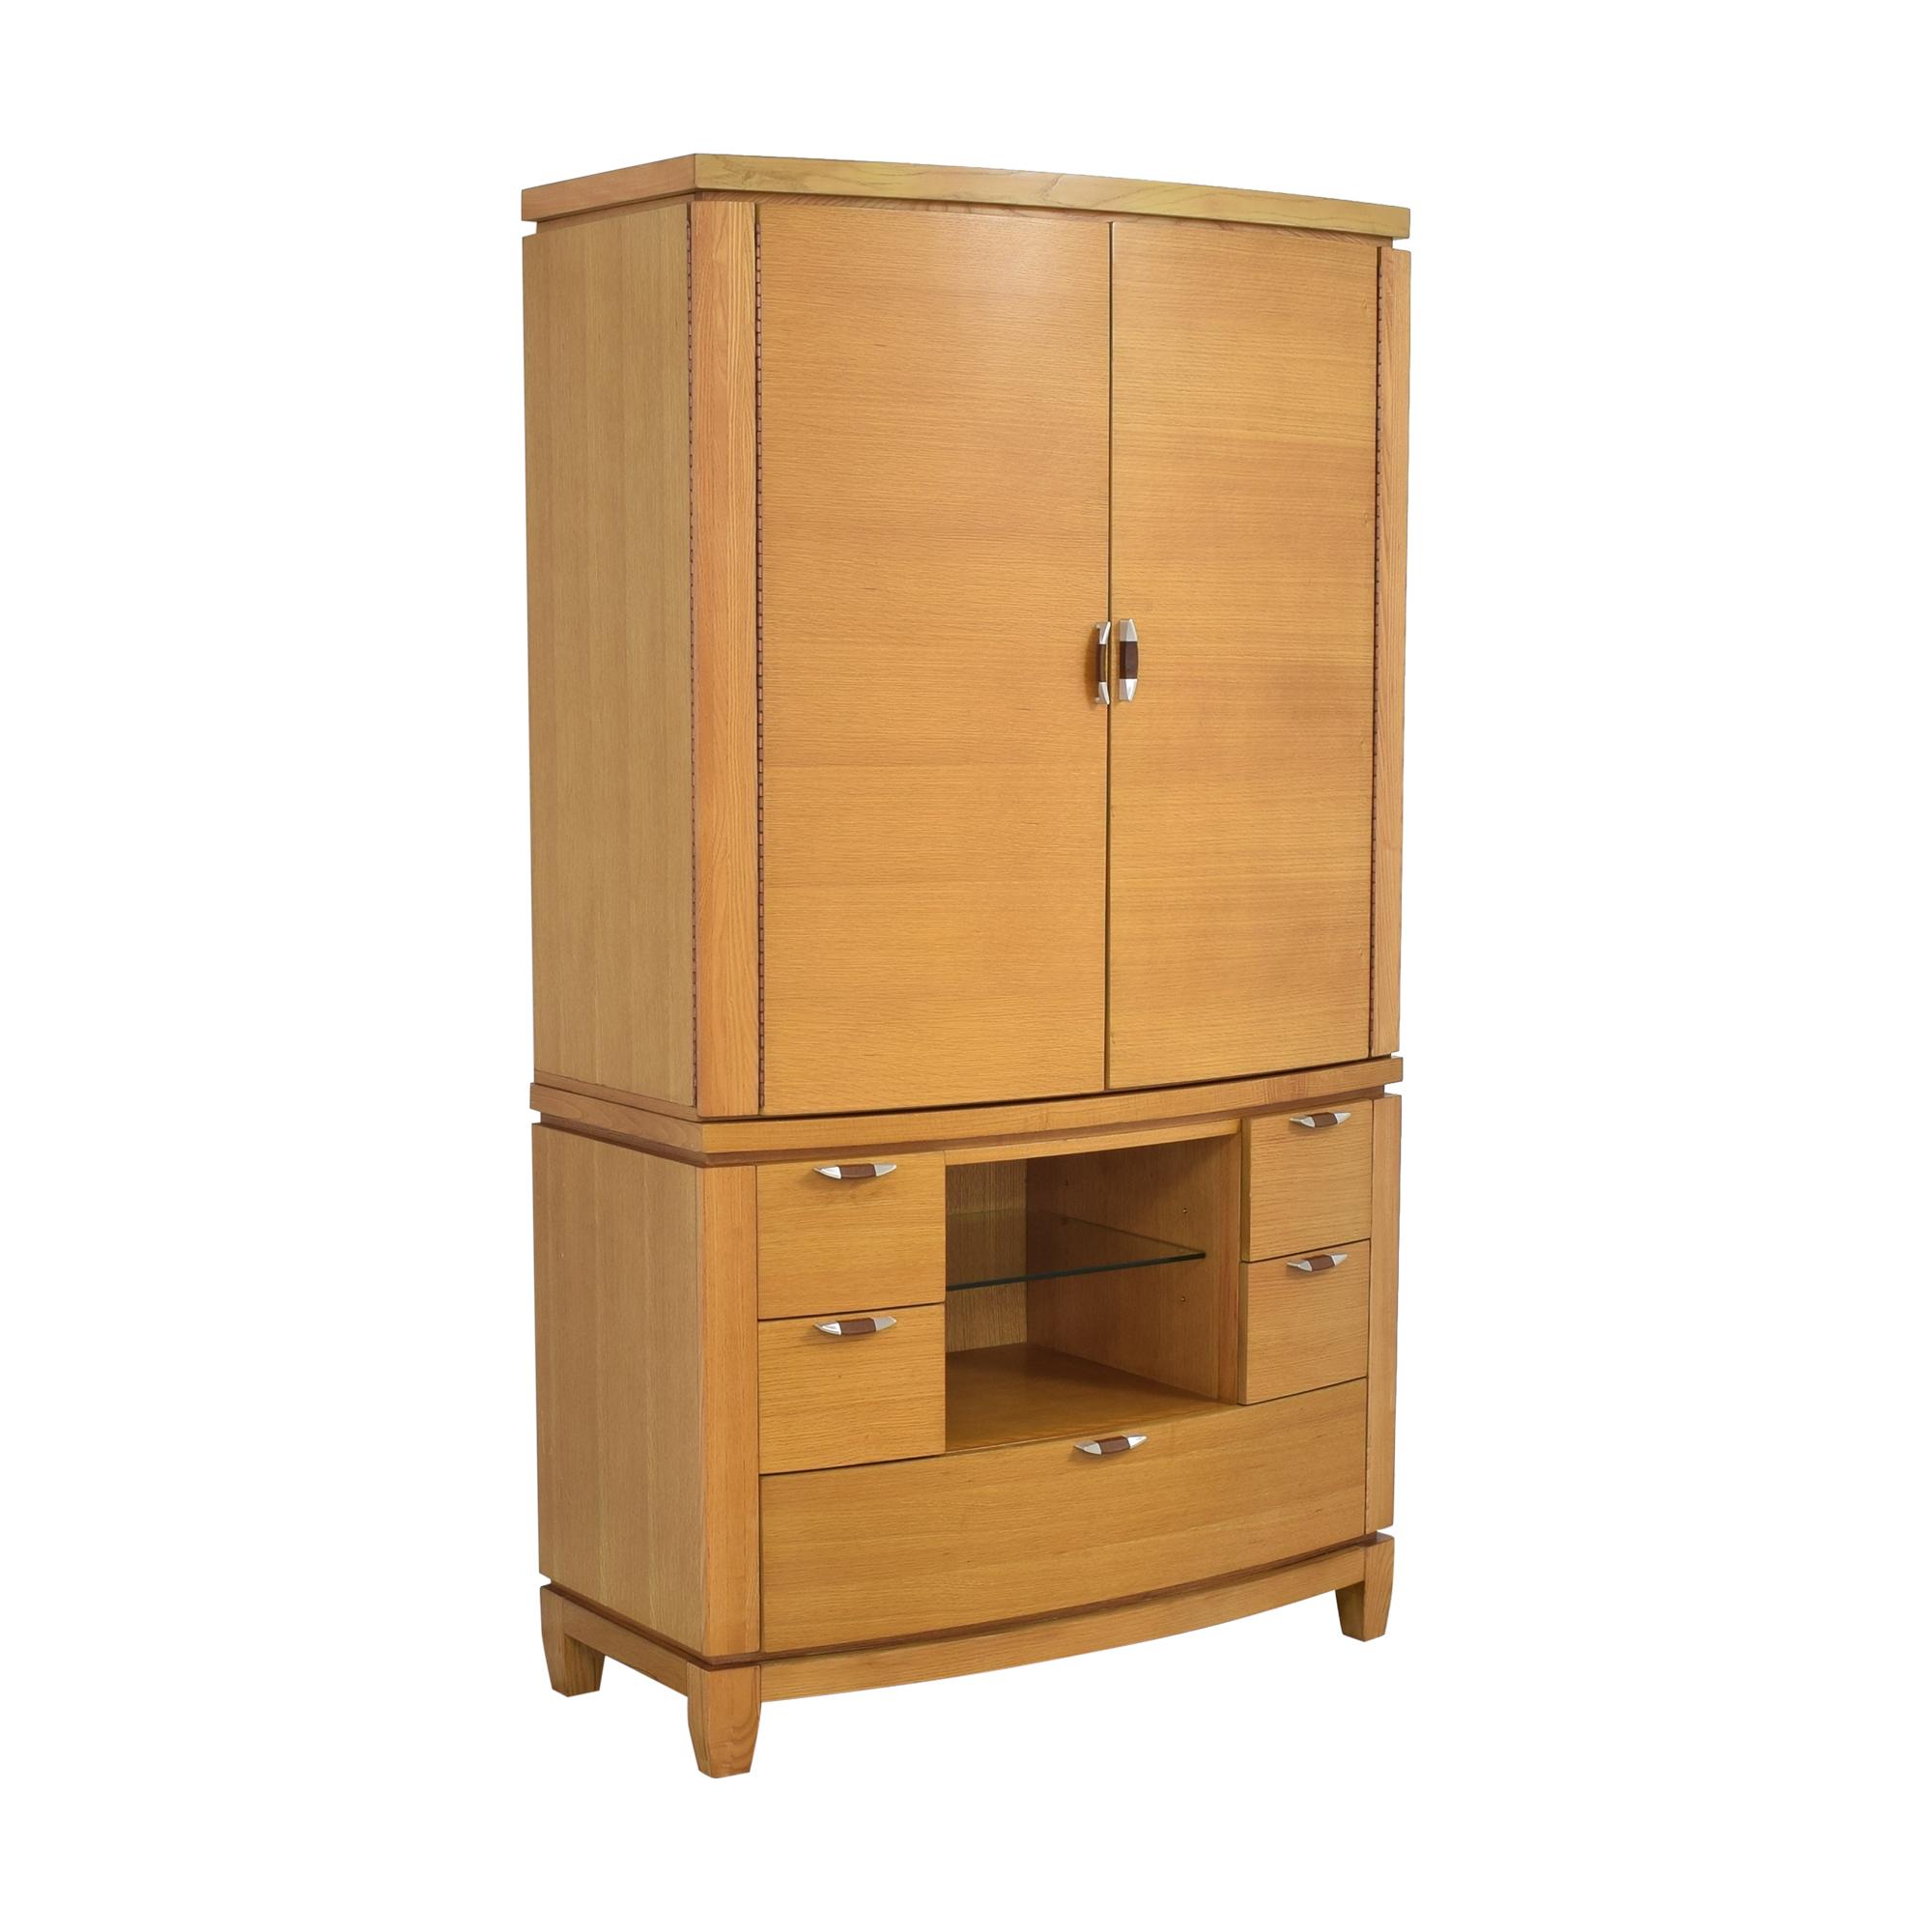 Fairmont Designs Fairmont Designs Media Armoire  light brown